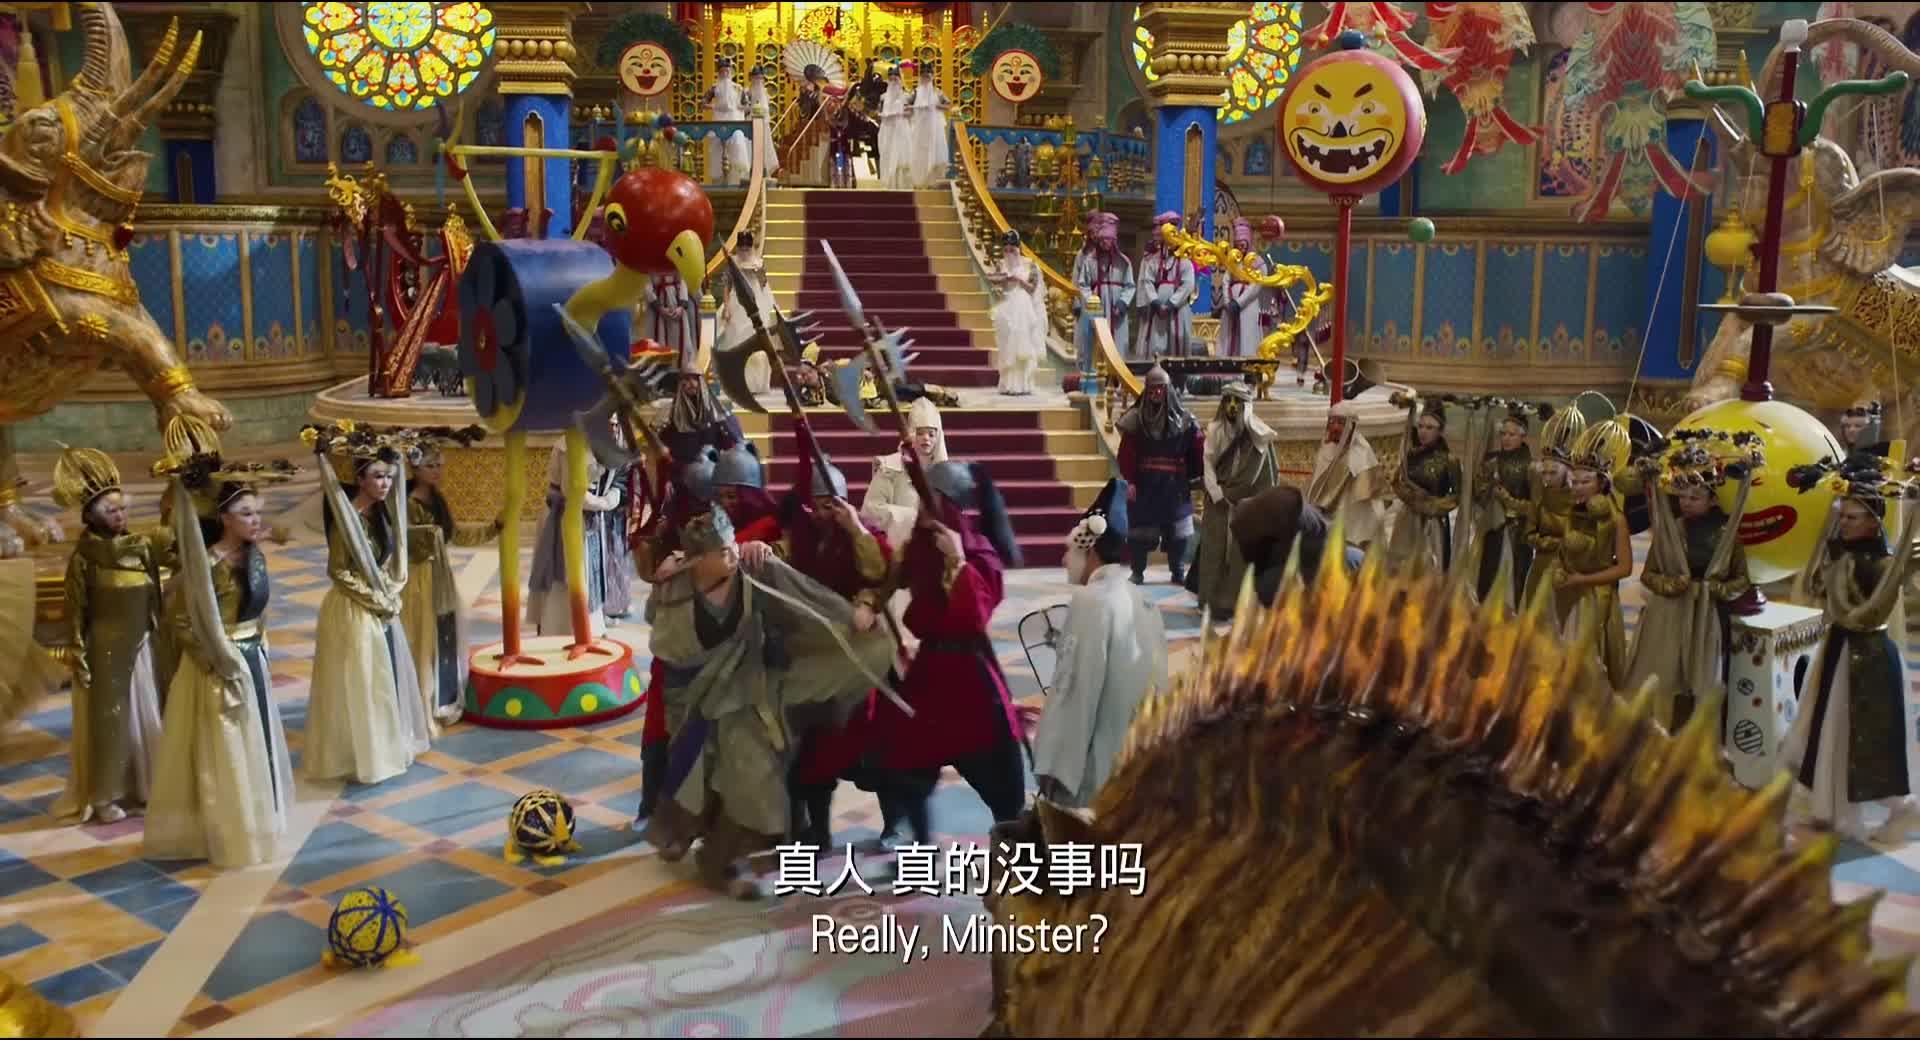 师徒几人全都不正经,国王面前瞎胡闹,真是有够蠢的